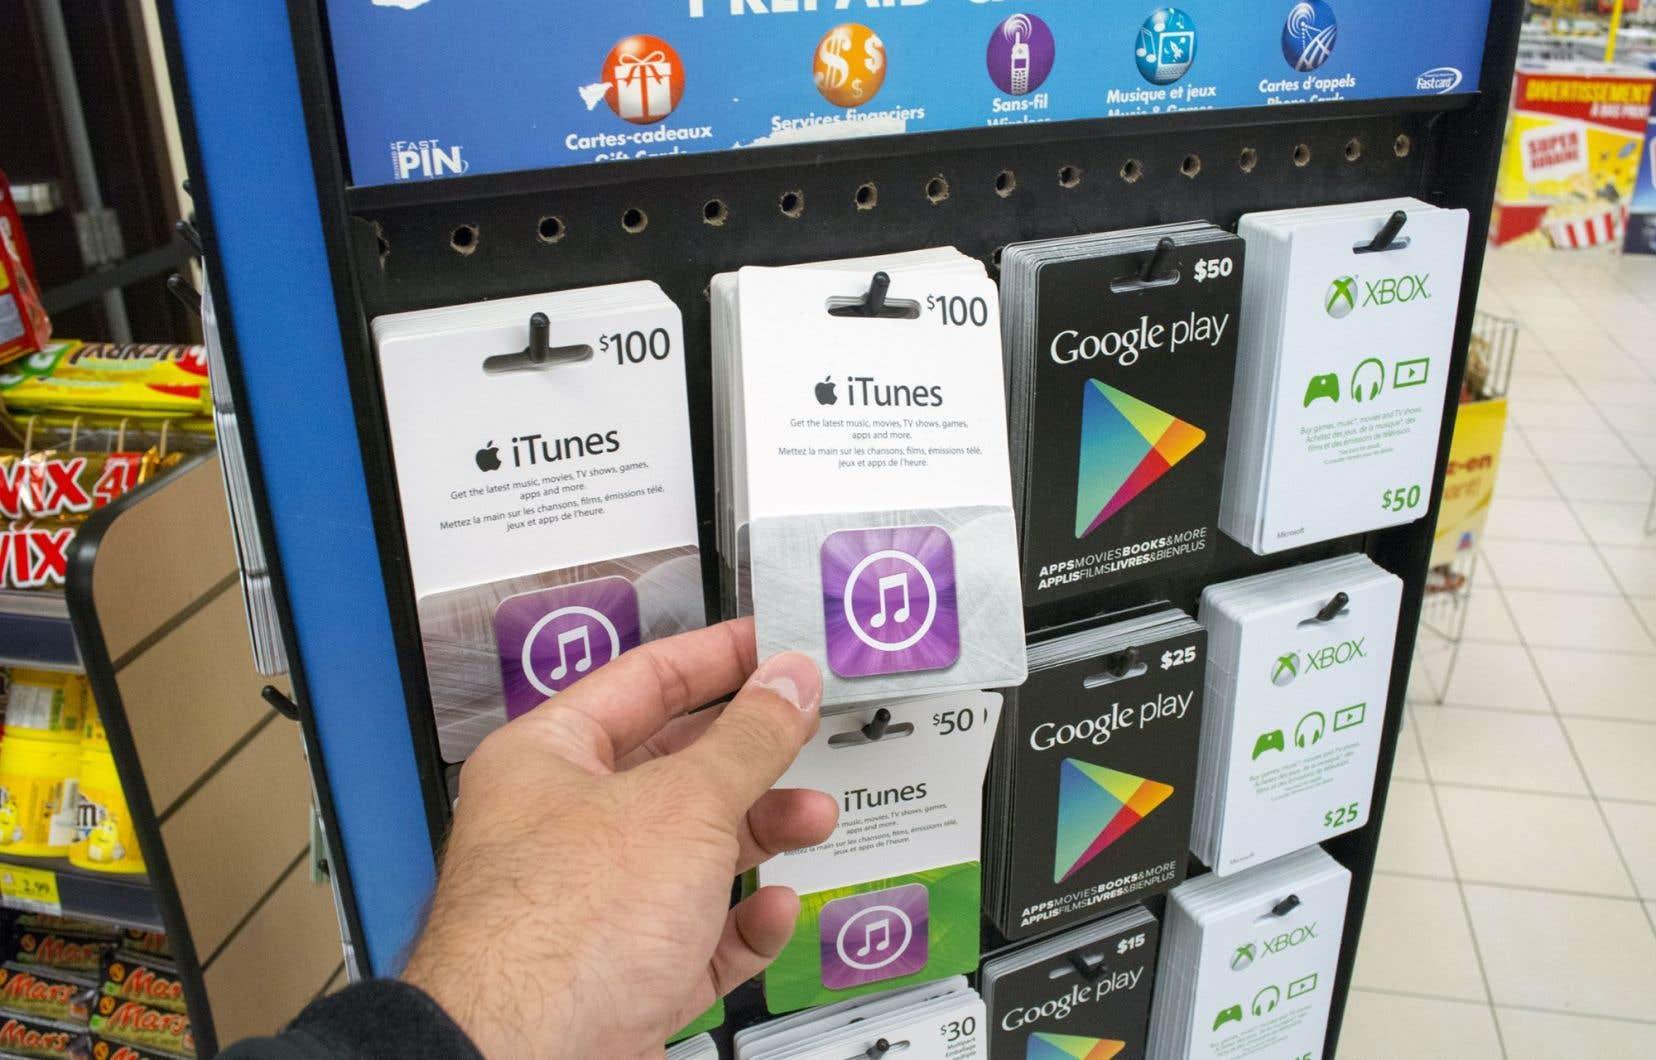 La carte-cadeau fournit un revenu aux entreprises avant que la marchandise ou le service ne soient livrés.